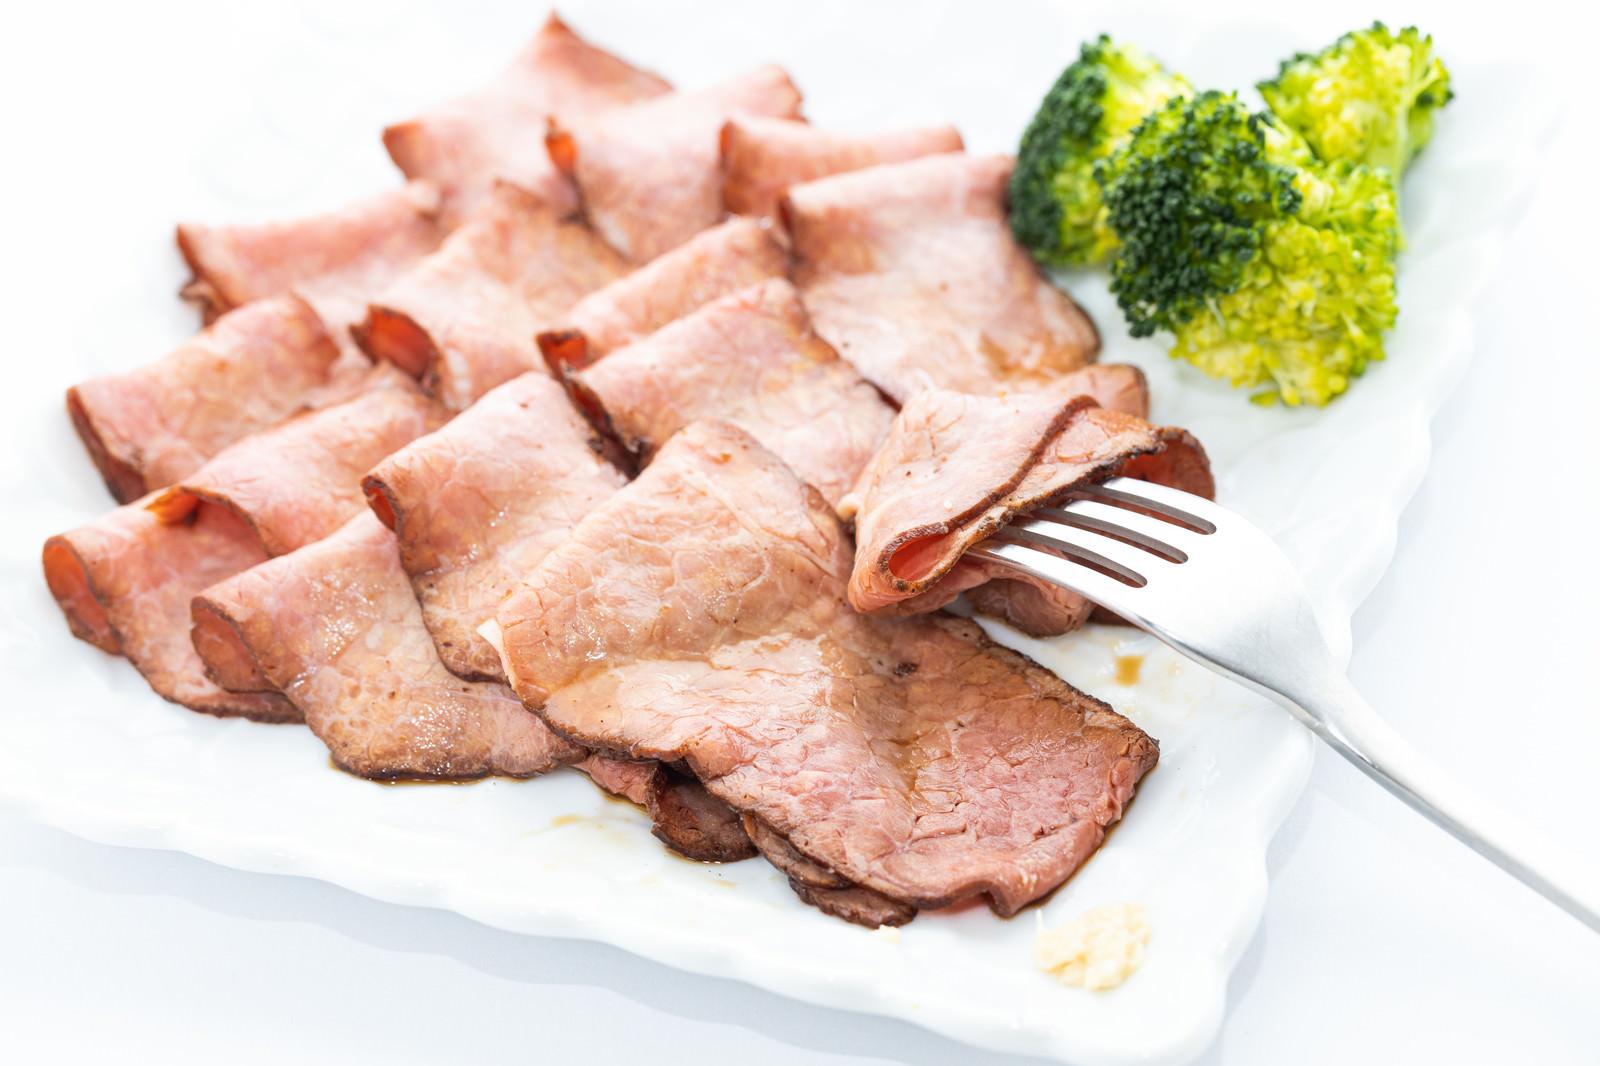 「薄切りローストビーフを食べる」の写真